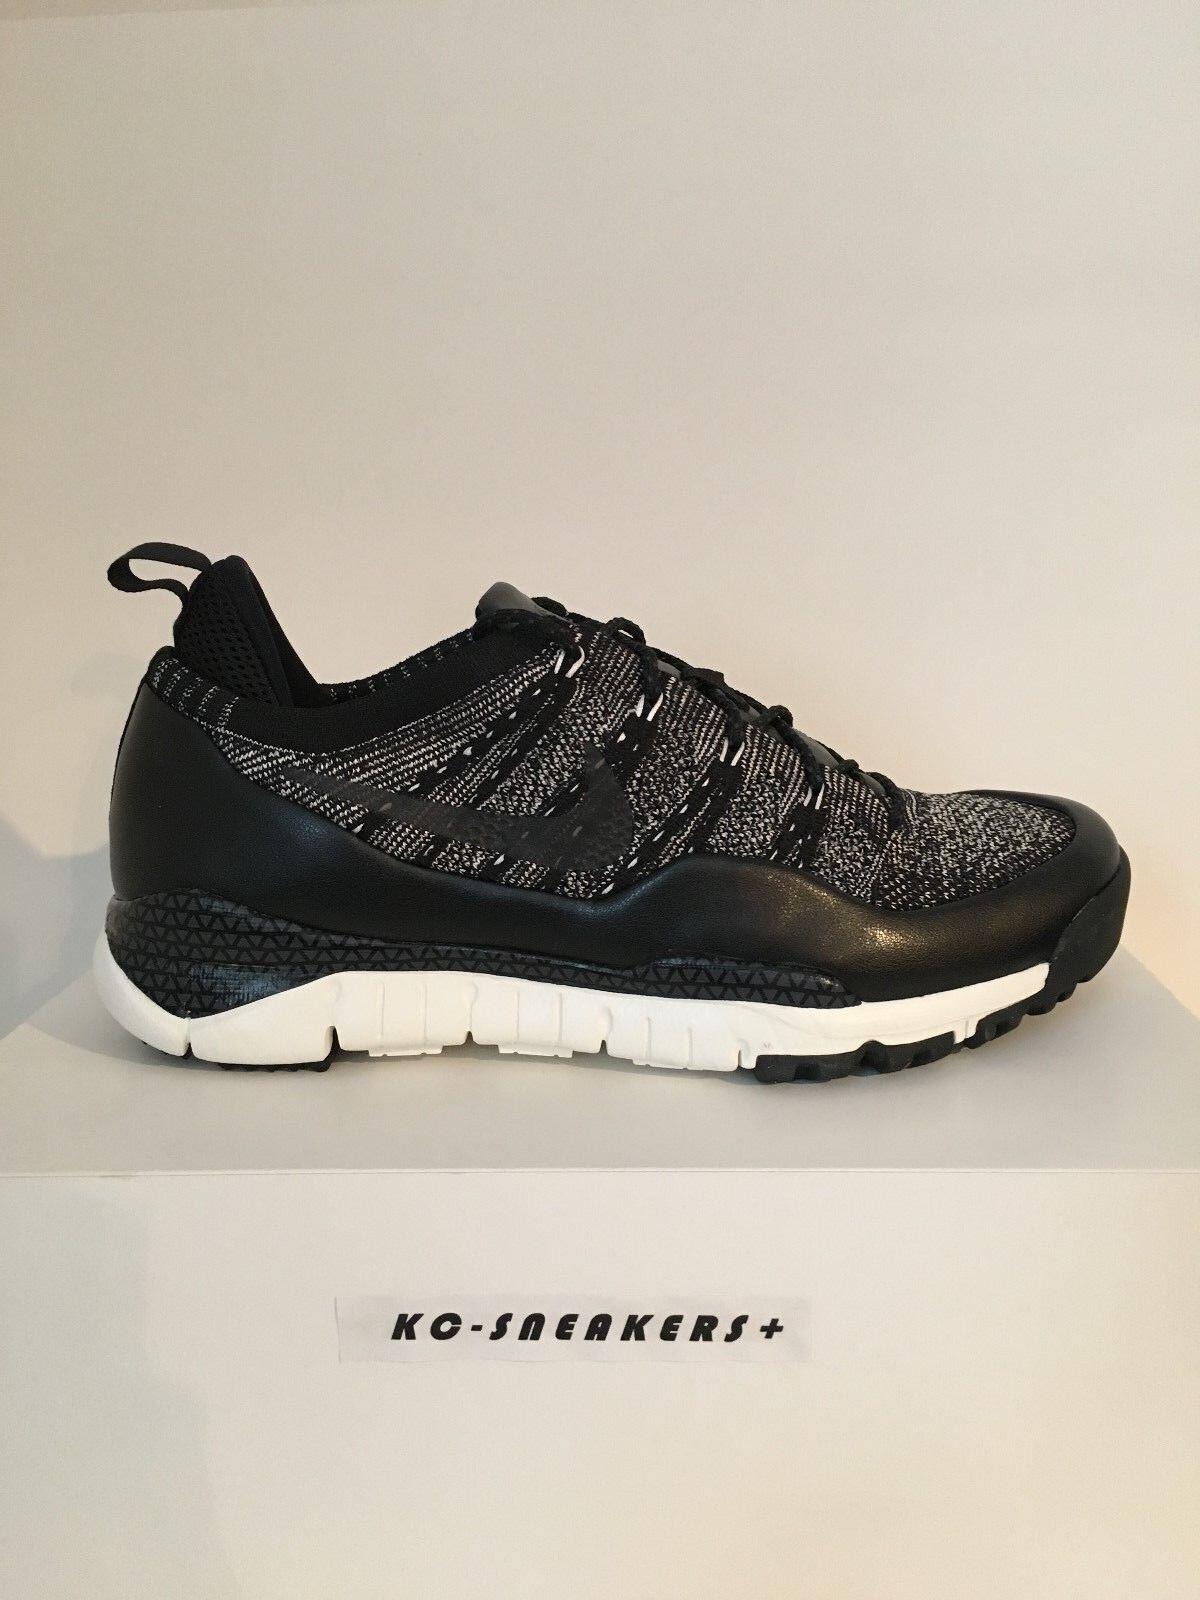 Nike lupinek flyknit low us us low 10 nuevo 844744